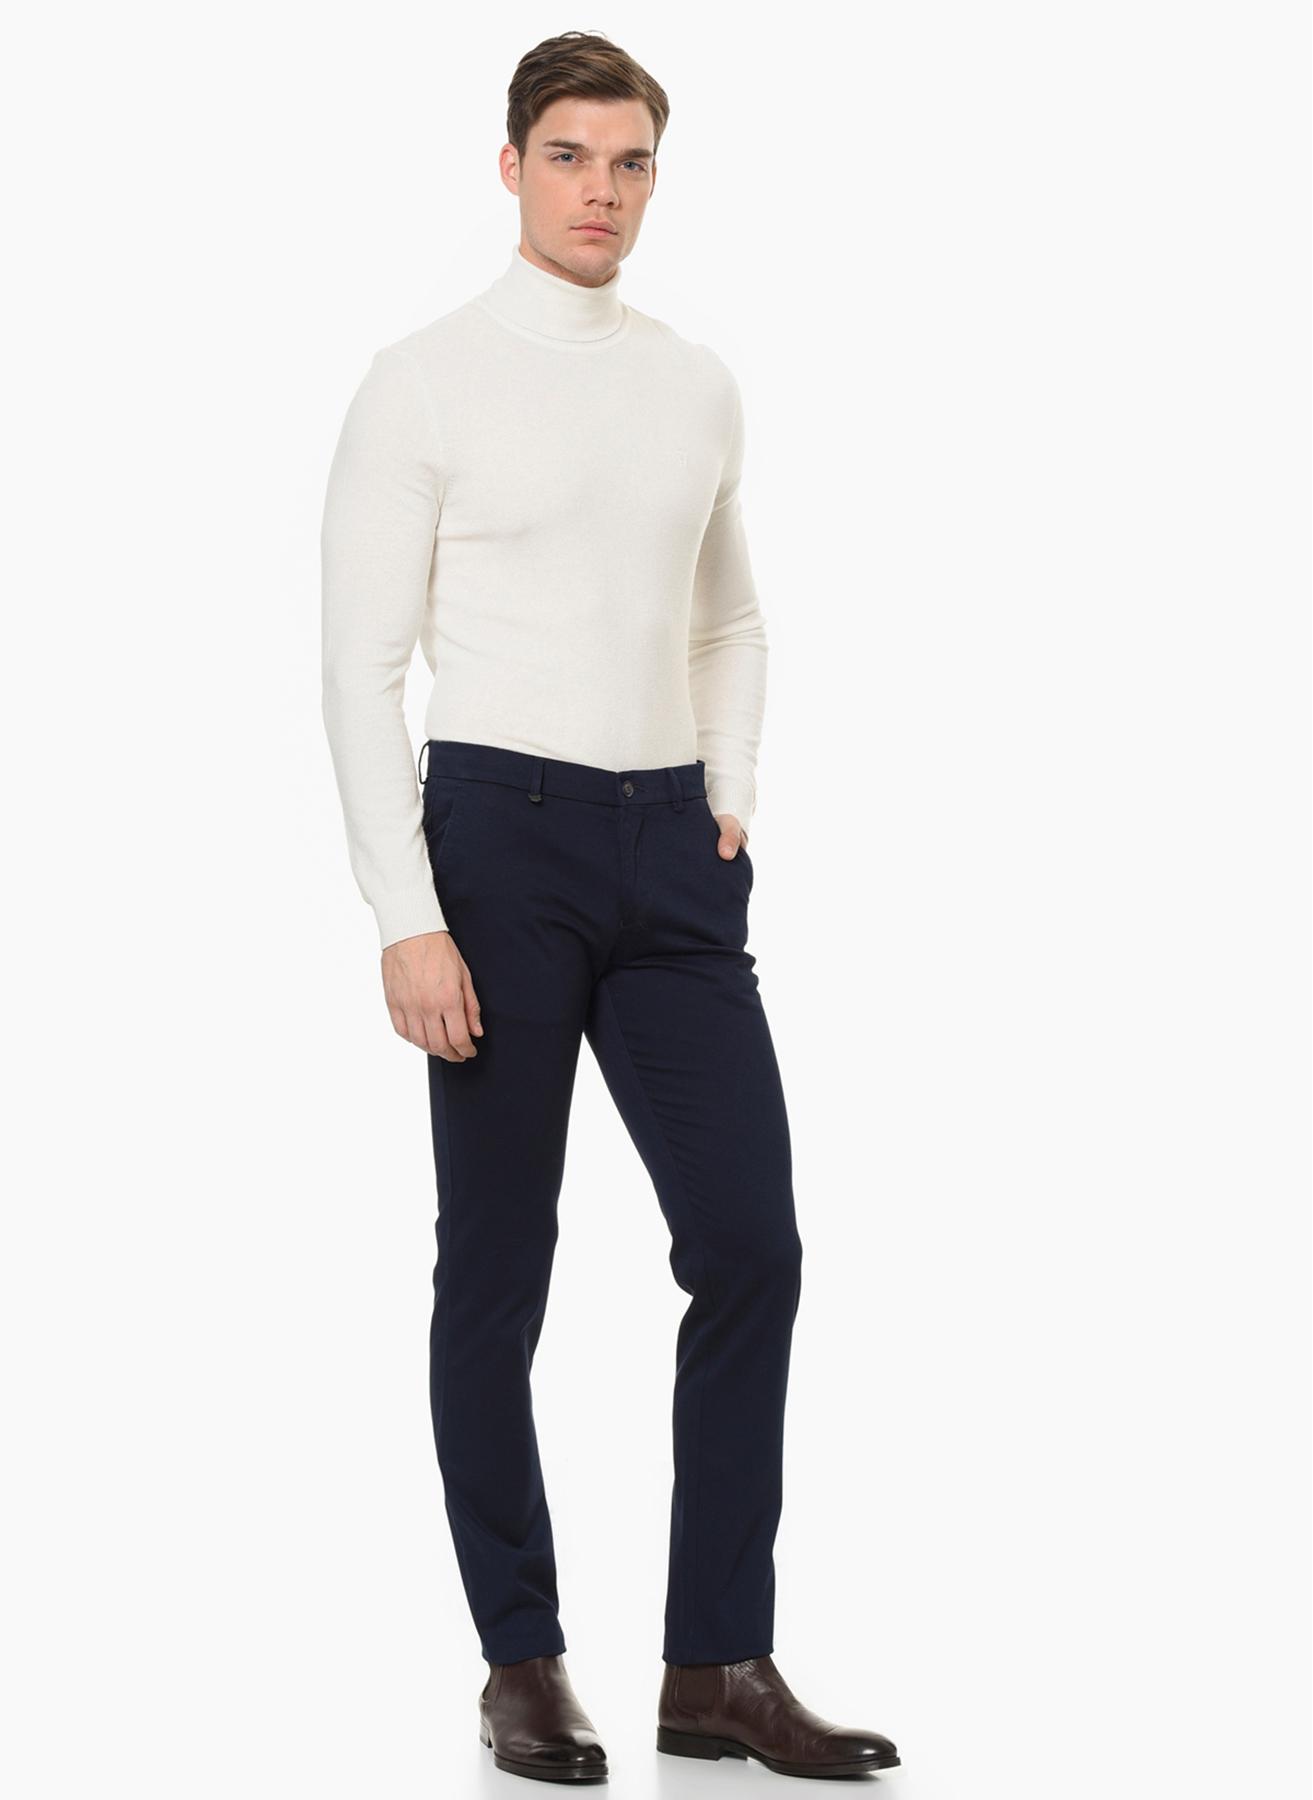 George Hogg Lacivert Klasik Pantolon 56 5001699473006 Ürün Resmi